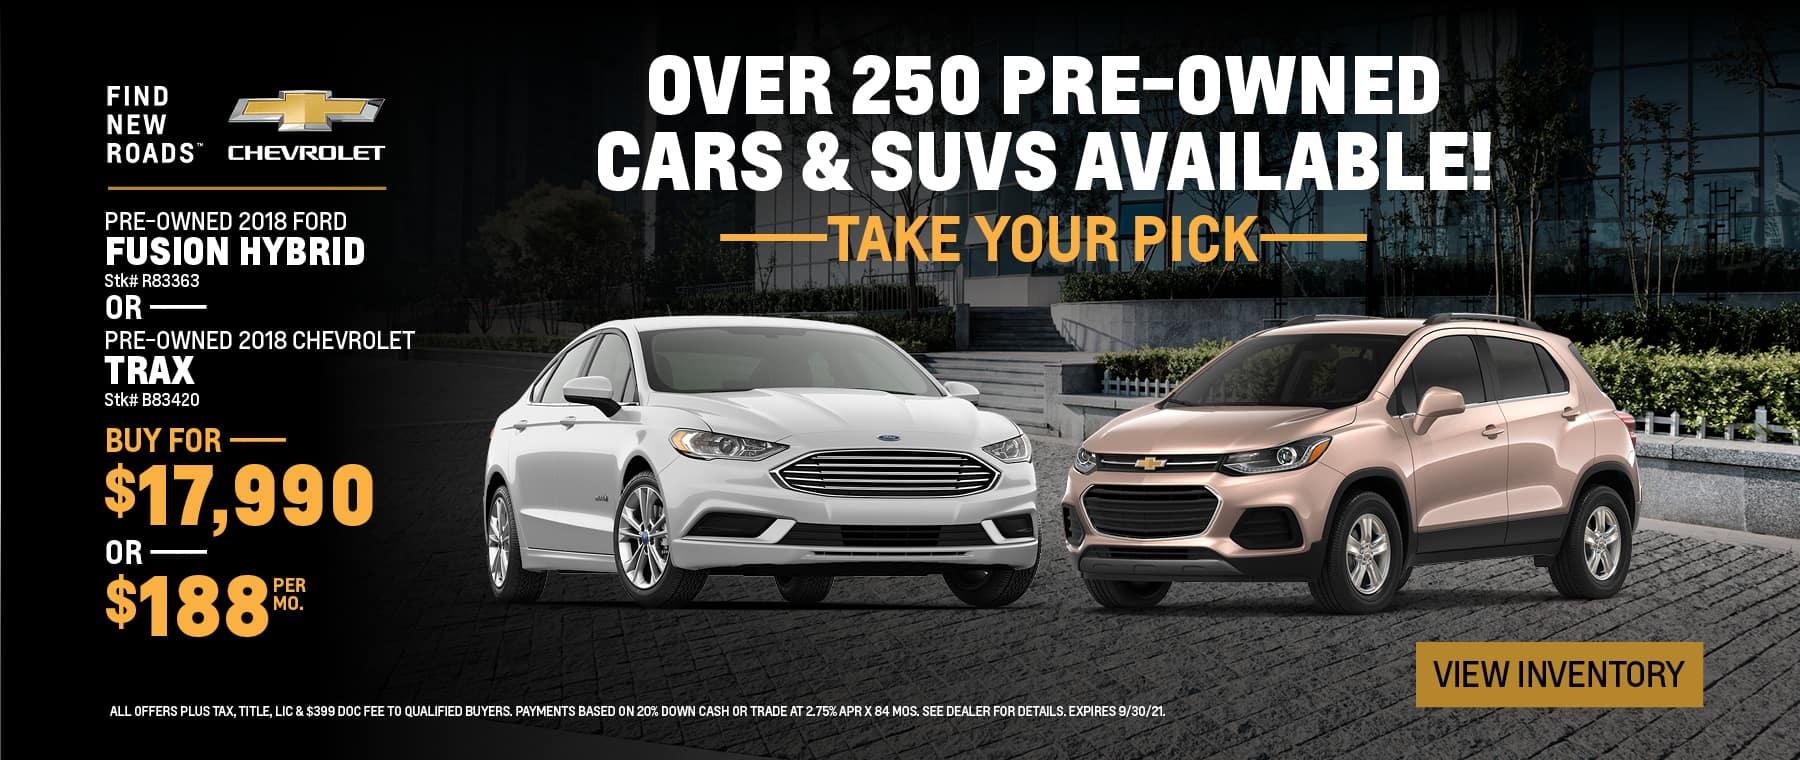 KEY-CHEV-PRE-OWN-CAR-$24,890-SEPT-1800×760